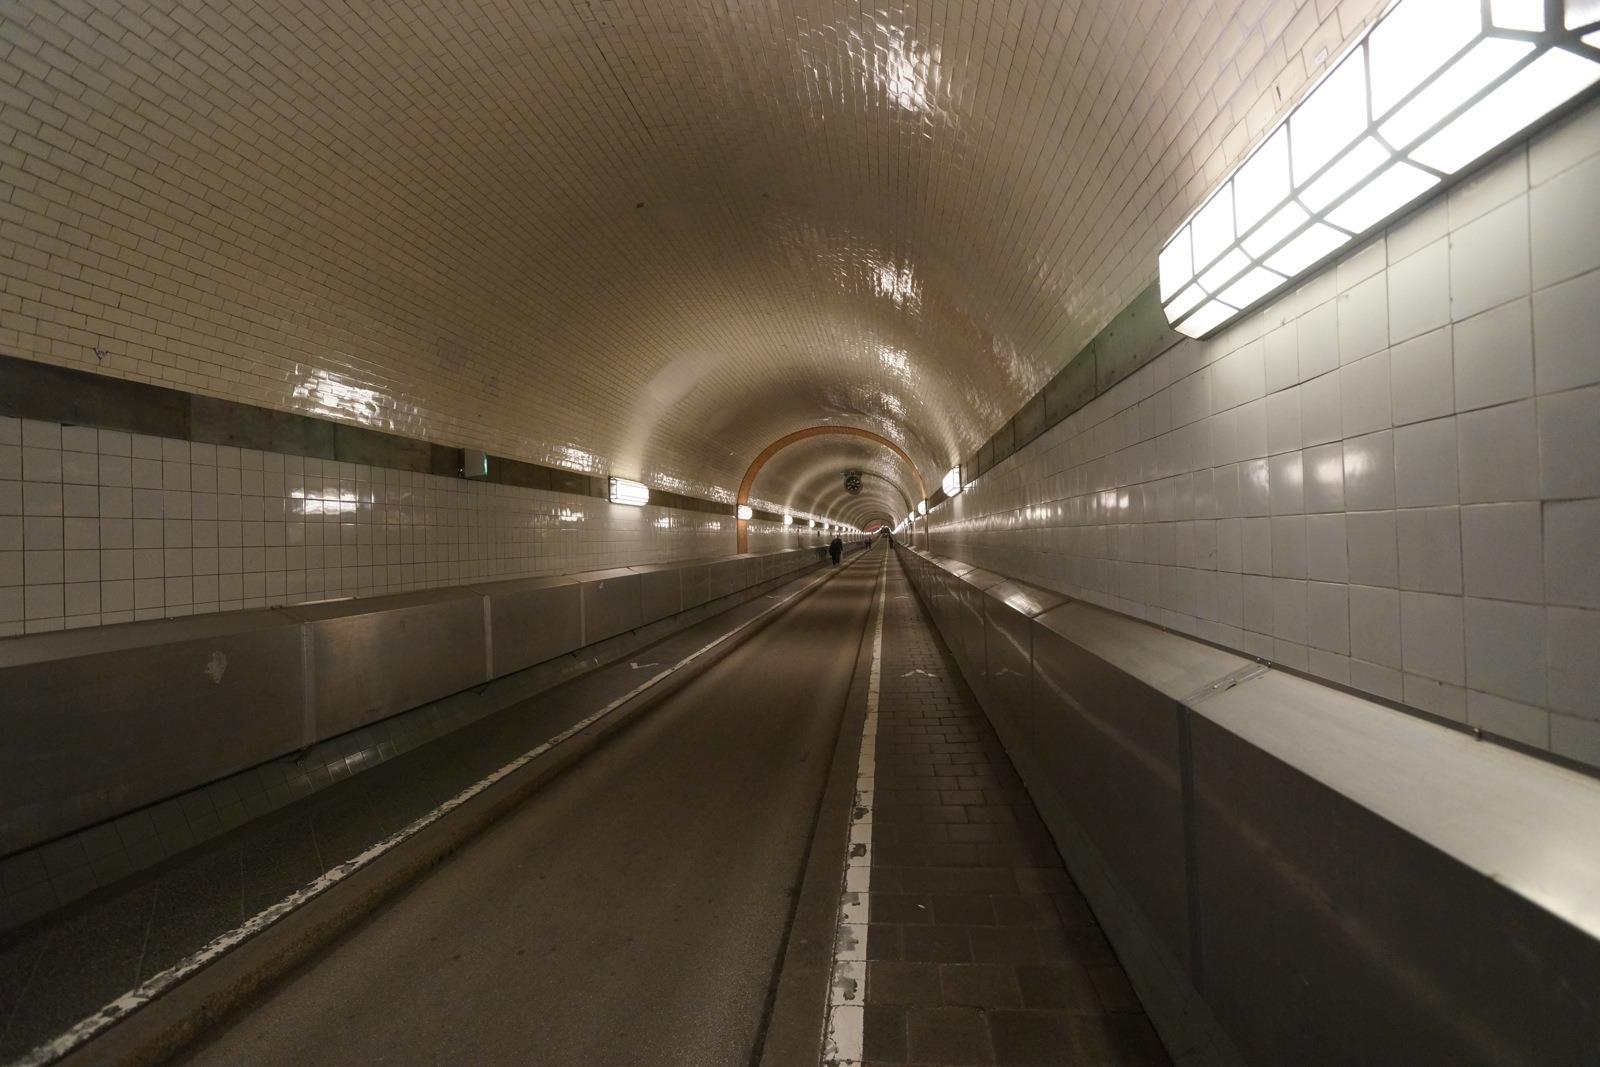 超過 1.9 米的車輛不能通過隧道。